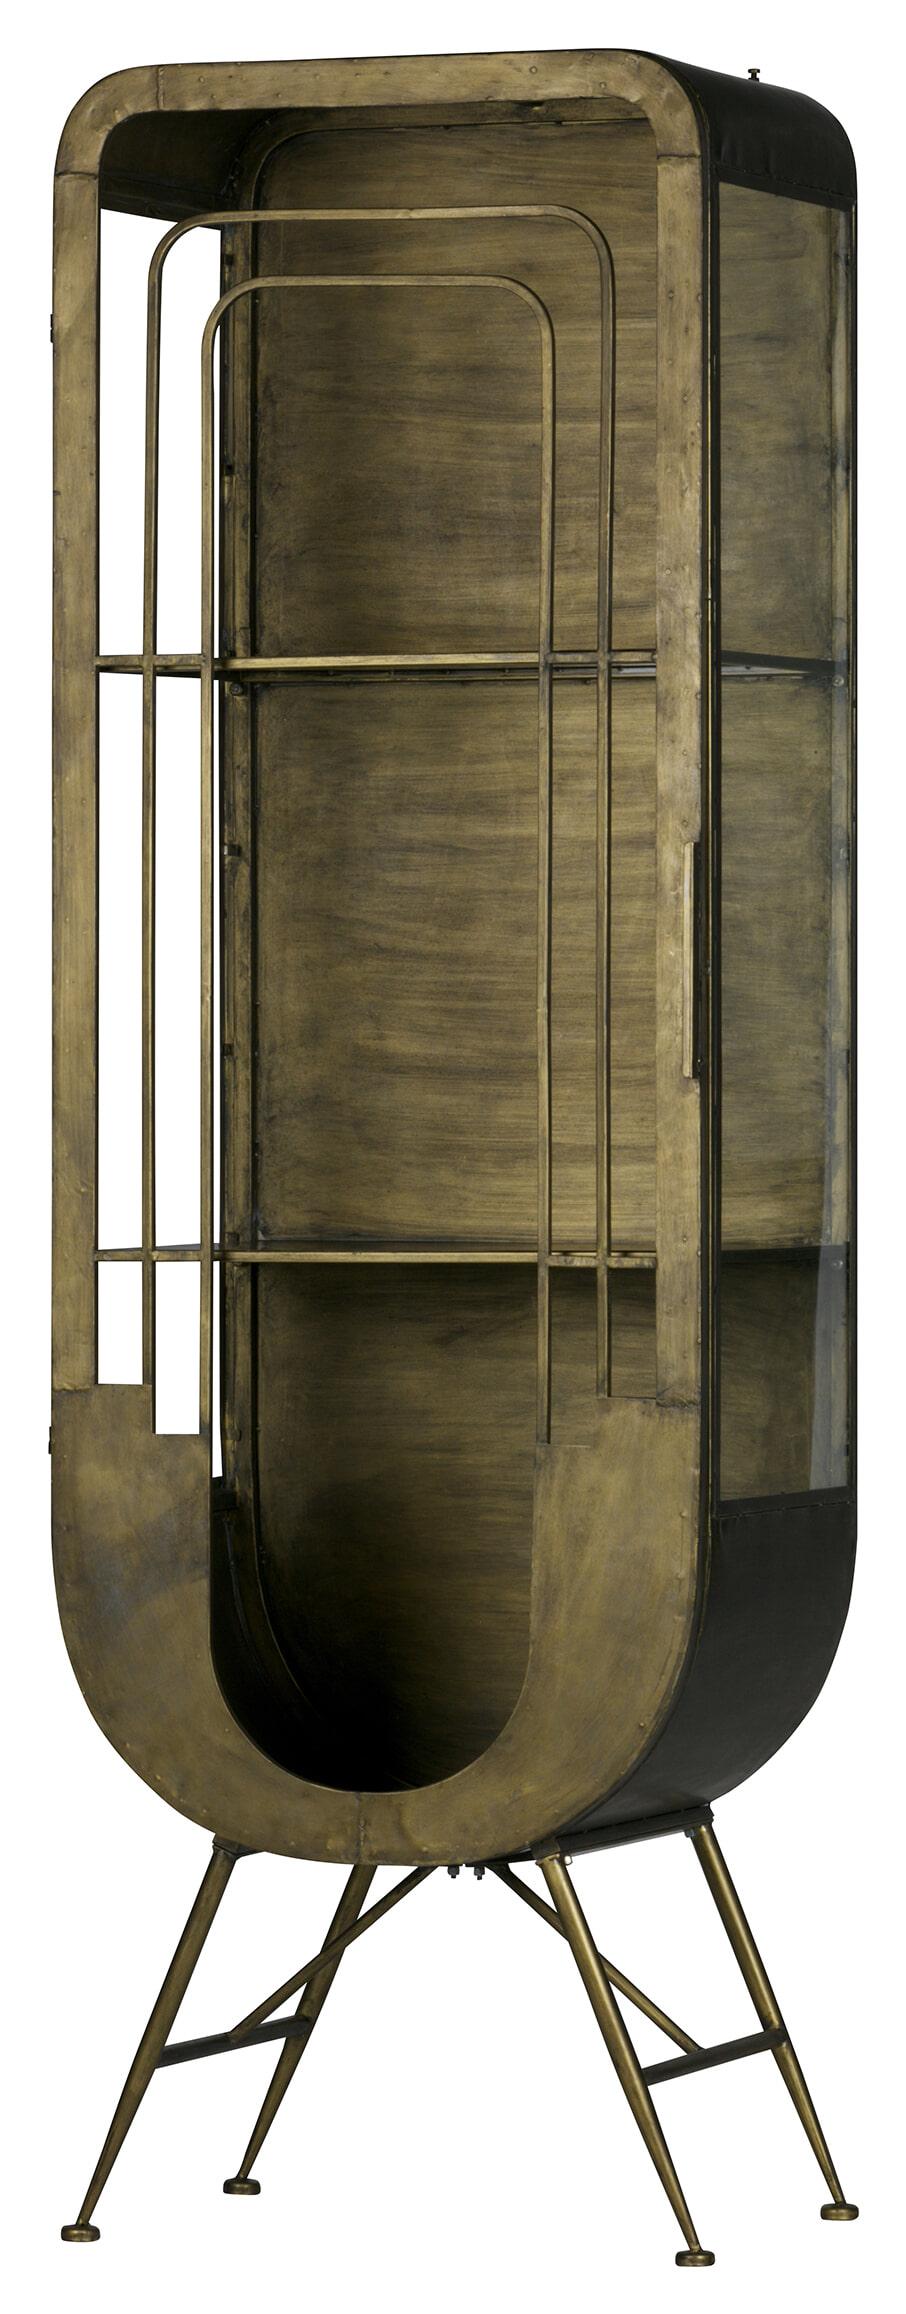 BePureHome Vitrinekast 'Matrix', kleur Antique Brass Metaal met antiek brass afwerking aanschaffen? Kijk hier!